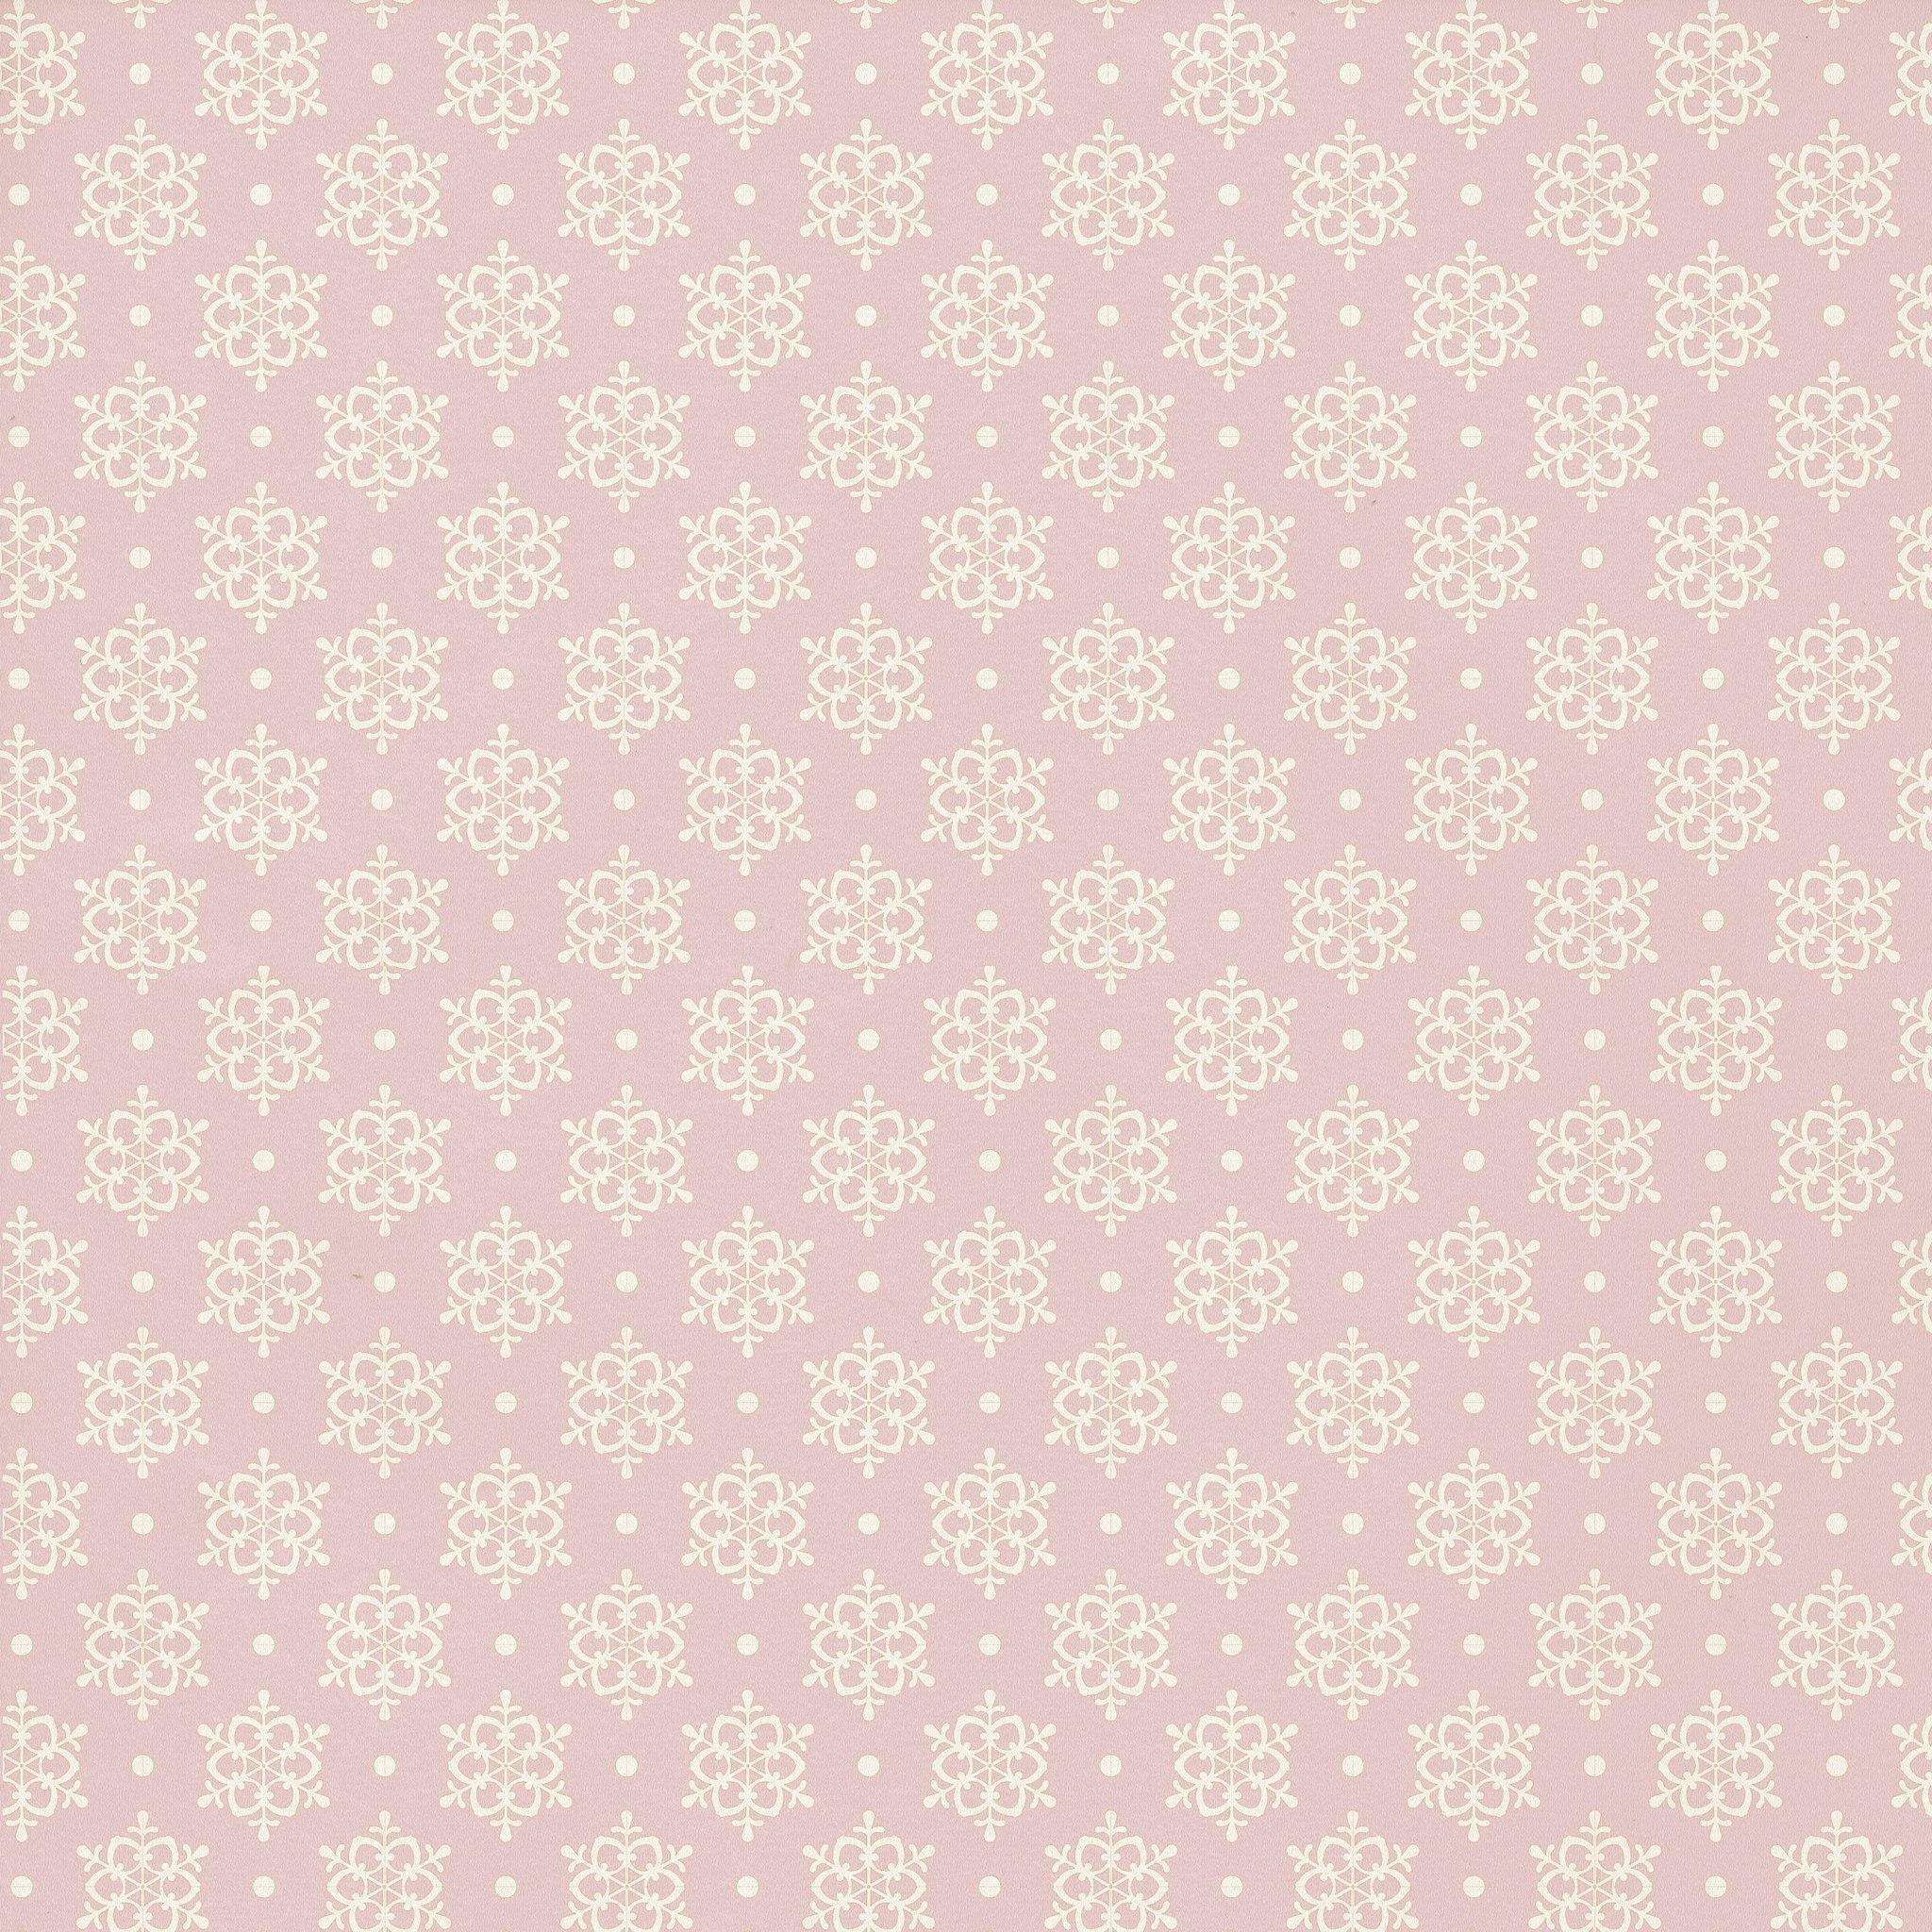 Tapeten Amerikanischer Landhausstil : 1000+ images about Patterns, textures on Pinterest Vintage